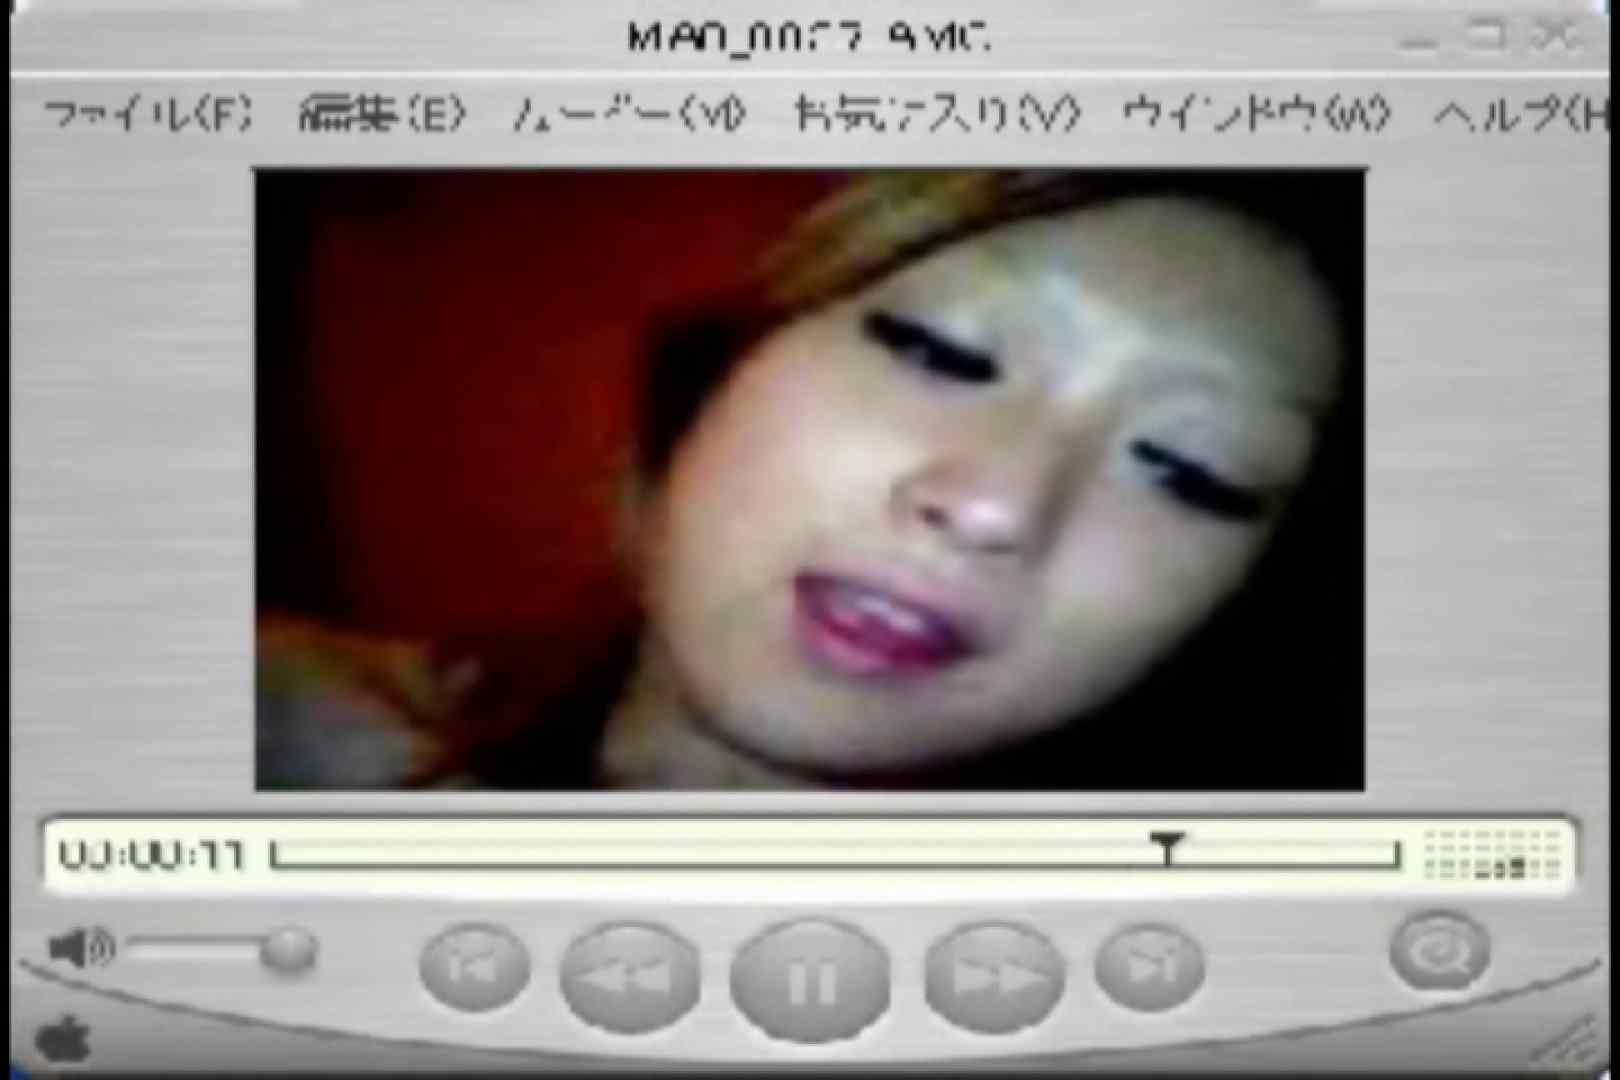 Shigeruのアルバム 流出作品  63連発 62